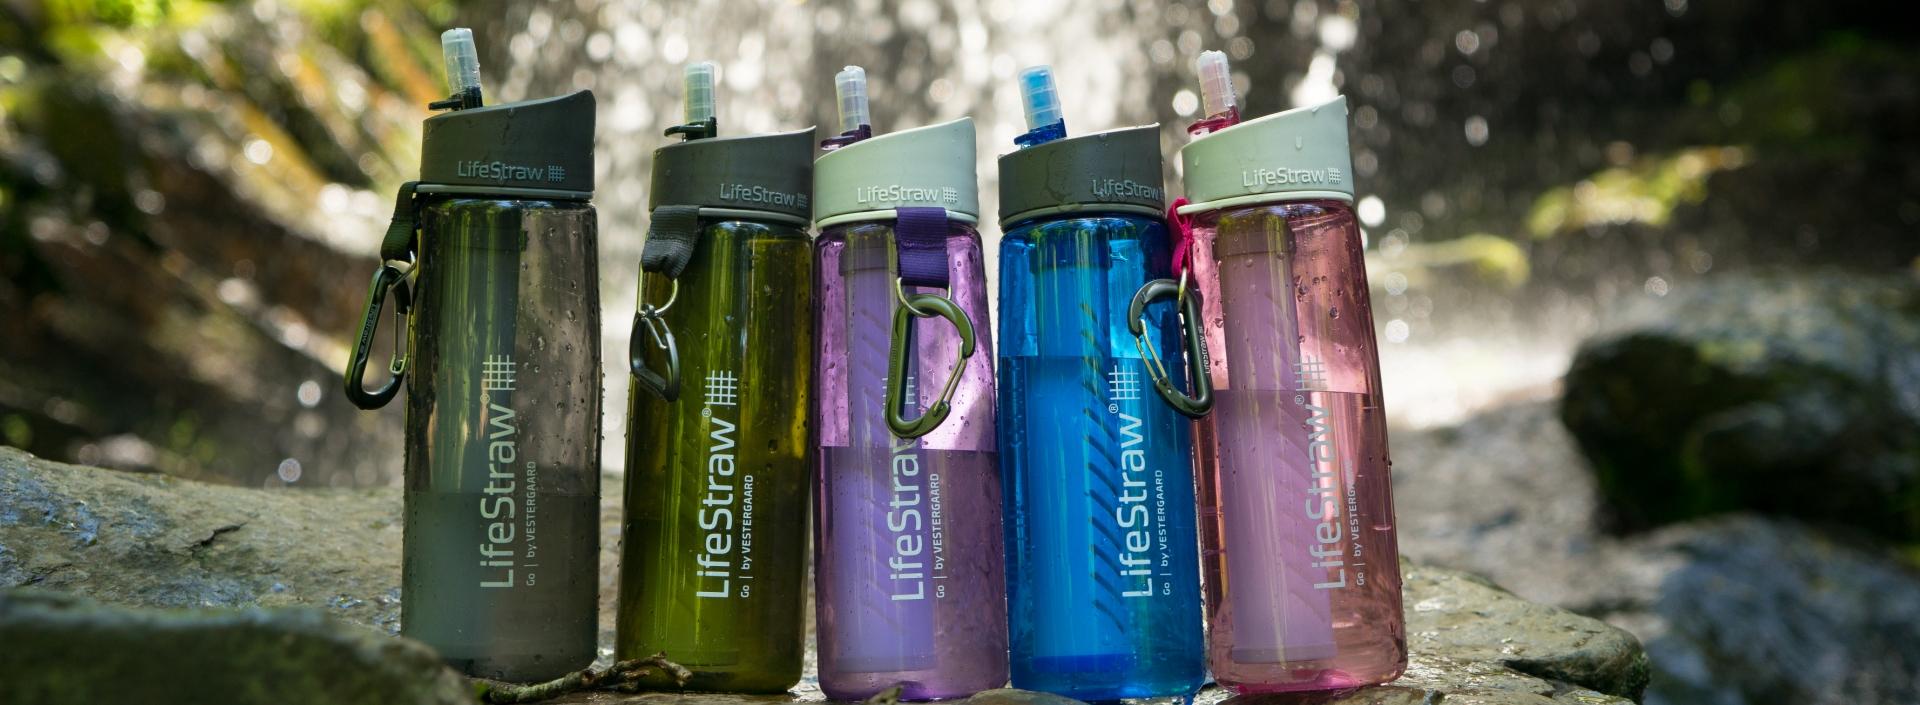 Butelki na wodę LifeStraw